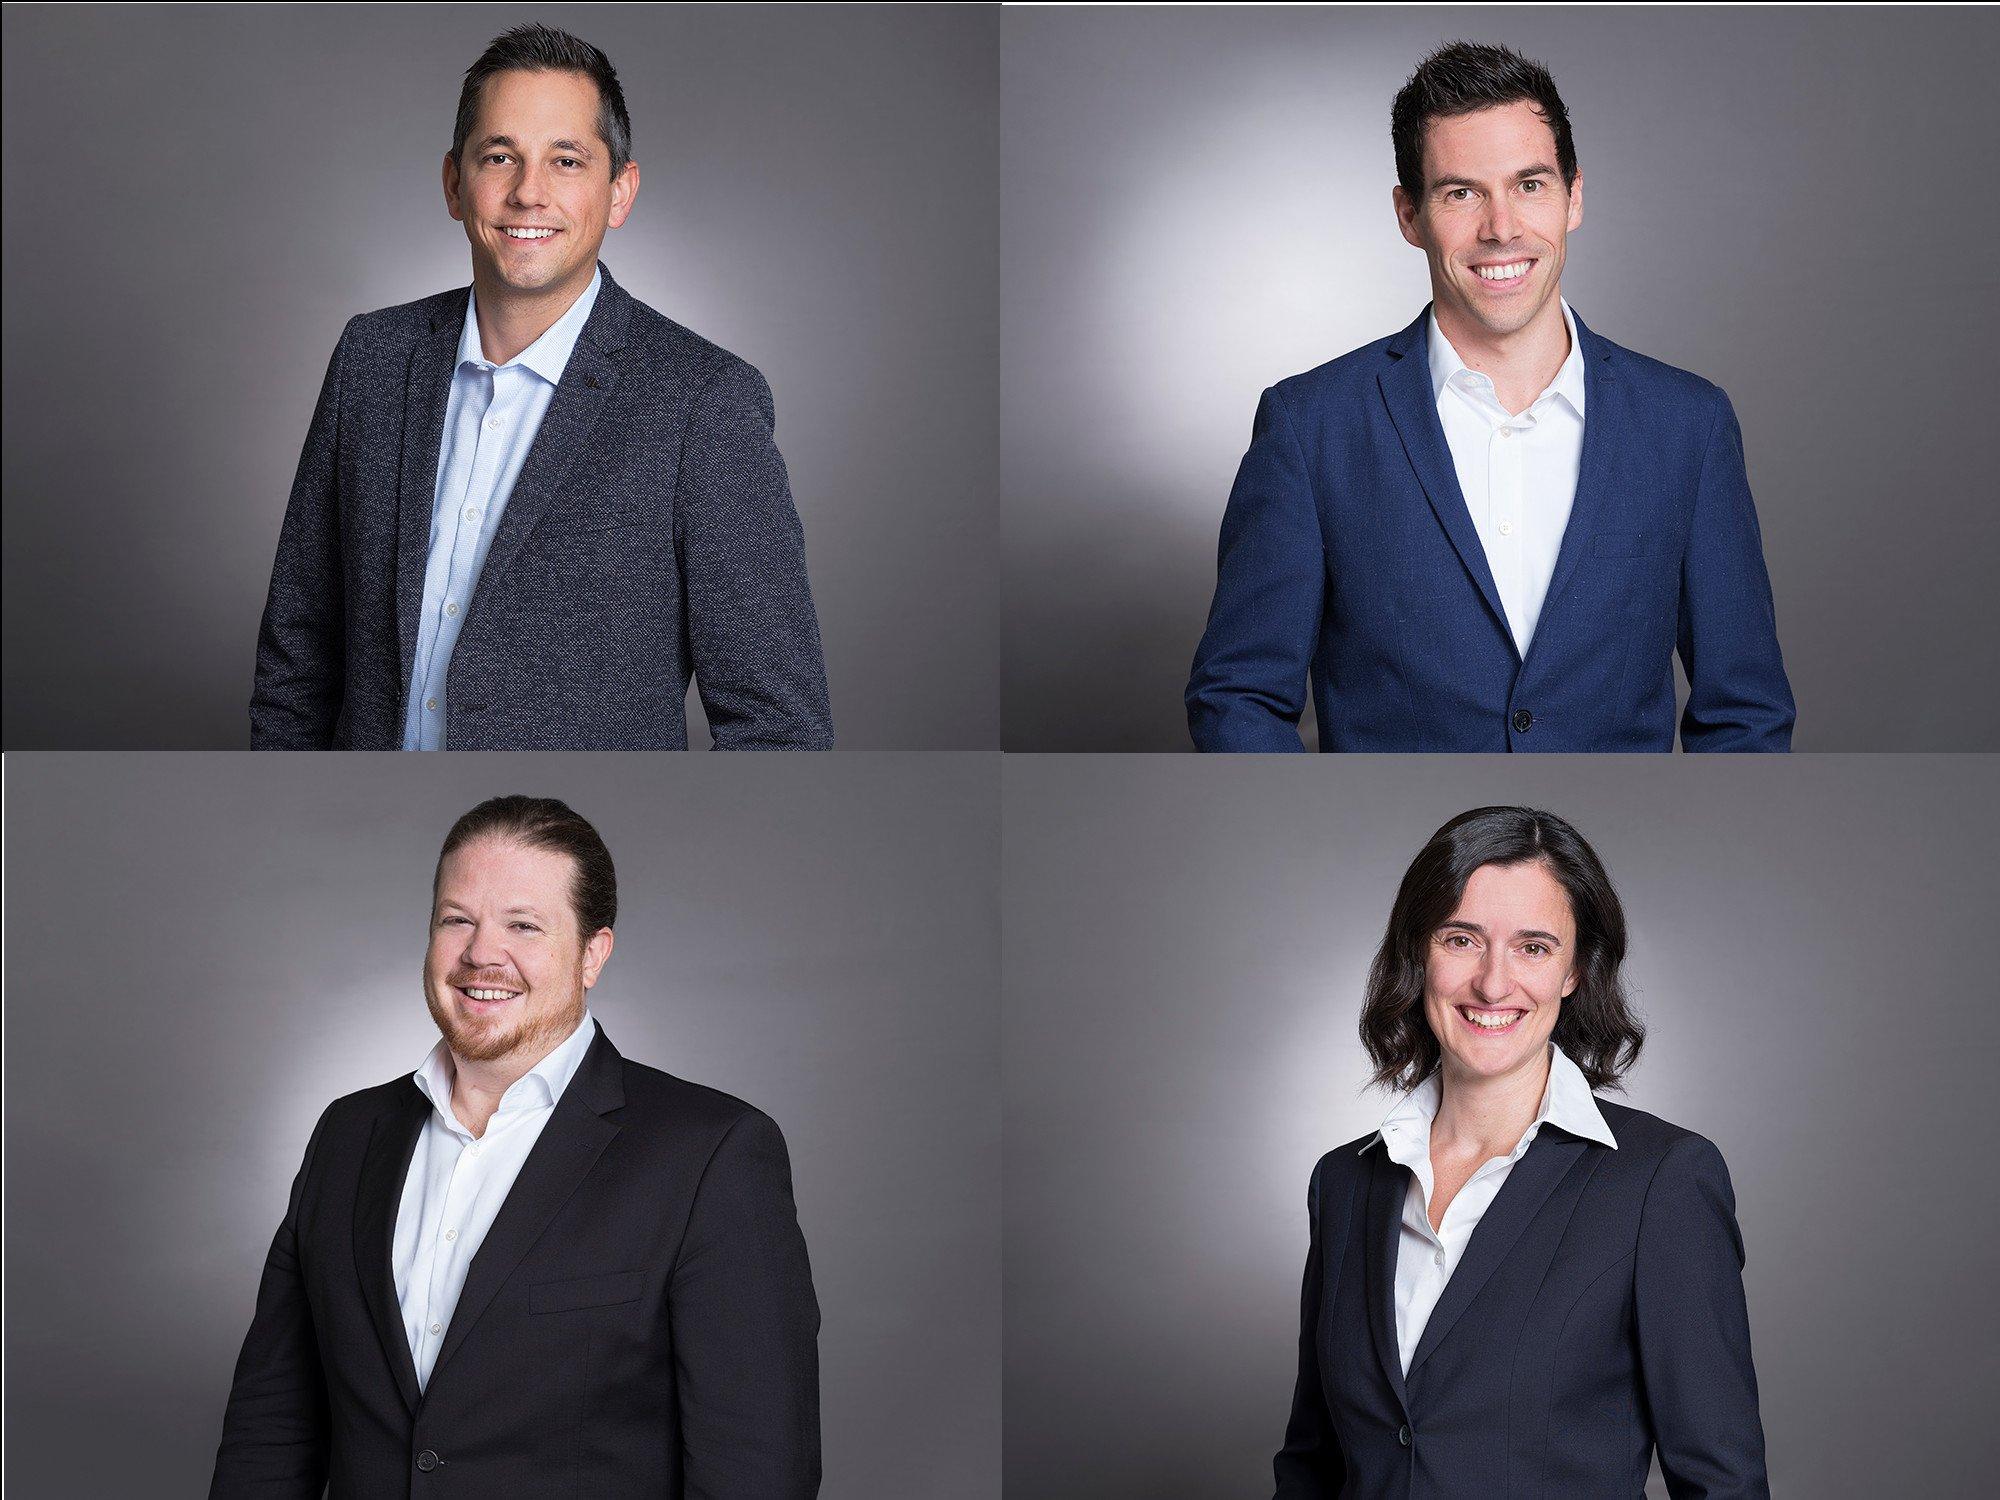 Neue Geschäftsleitung bei Screenfoodnet (S. Jauck, T. Amrein, P. Farine, J. Vielmi-Farine (Fotos: Screenfoodnet)